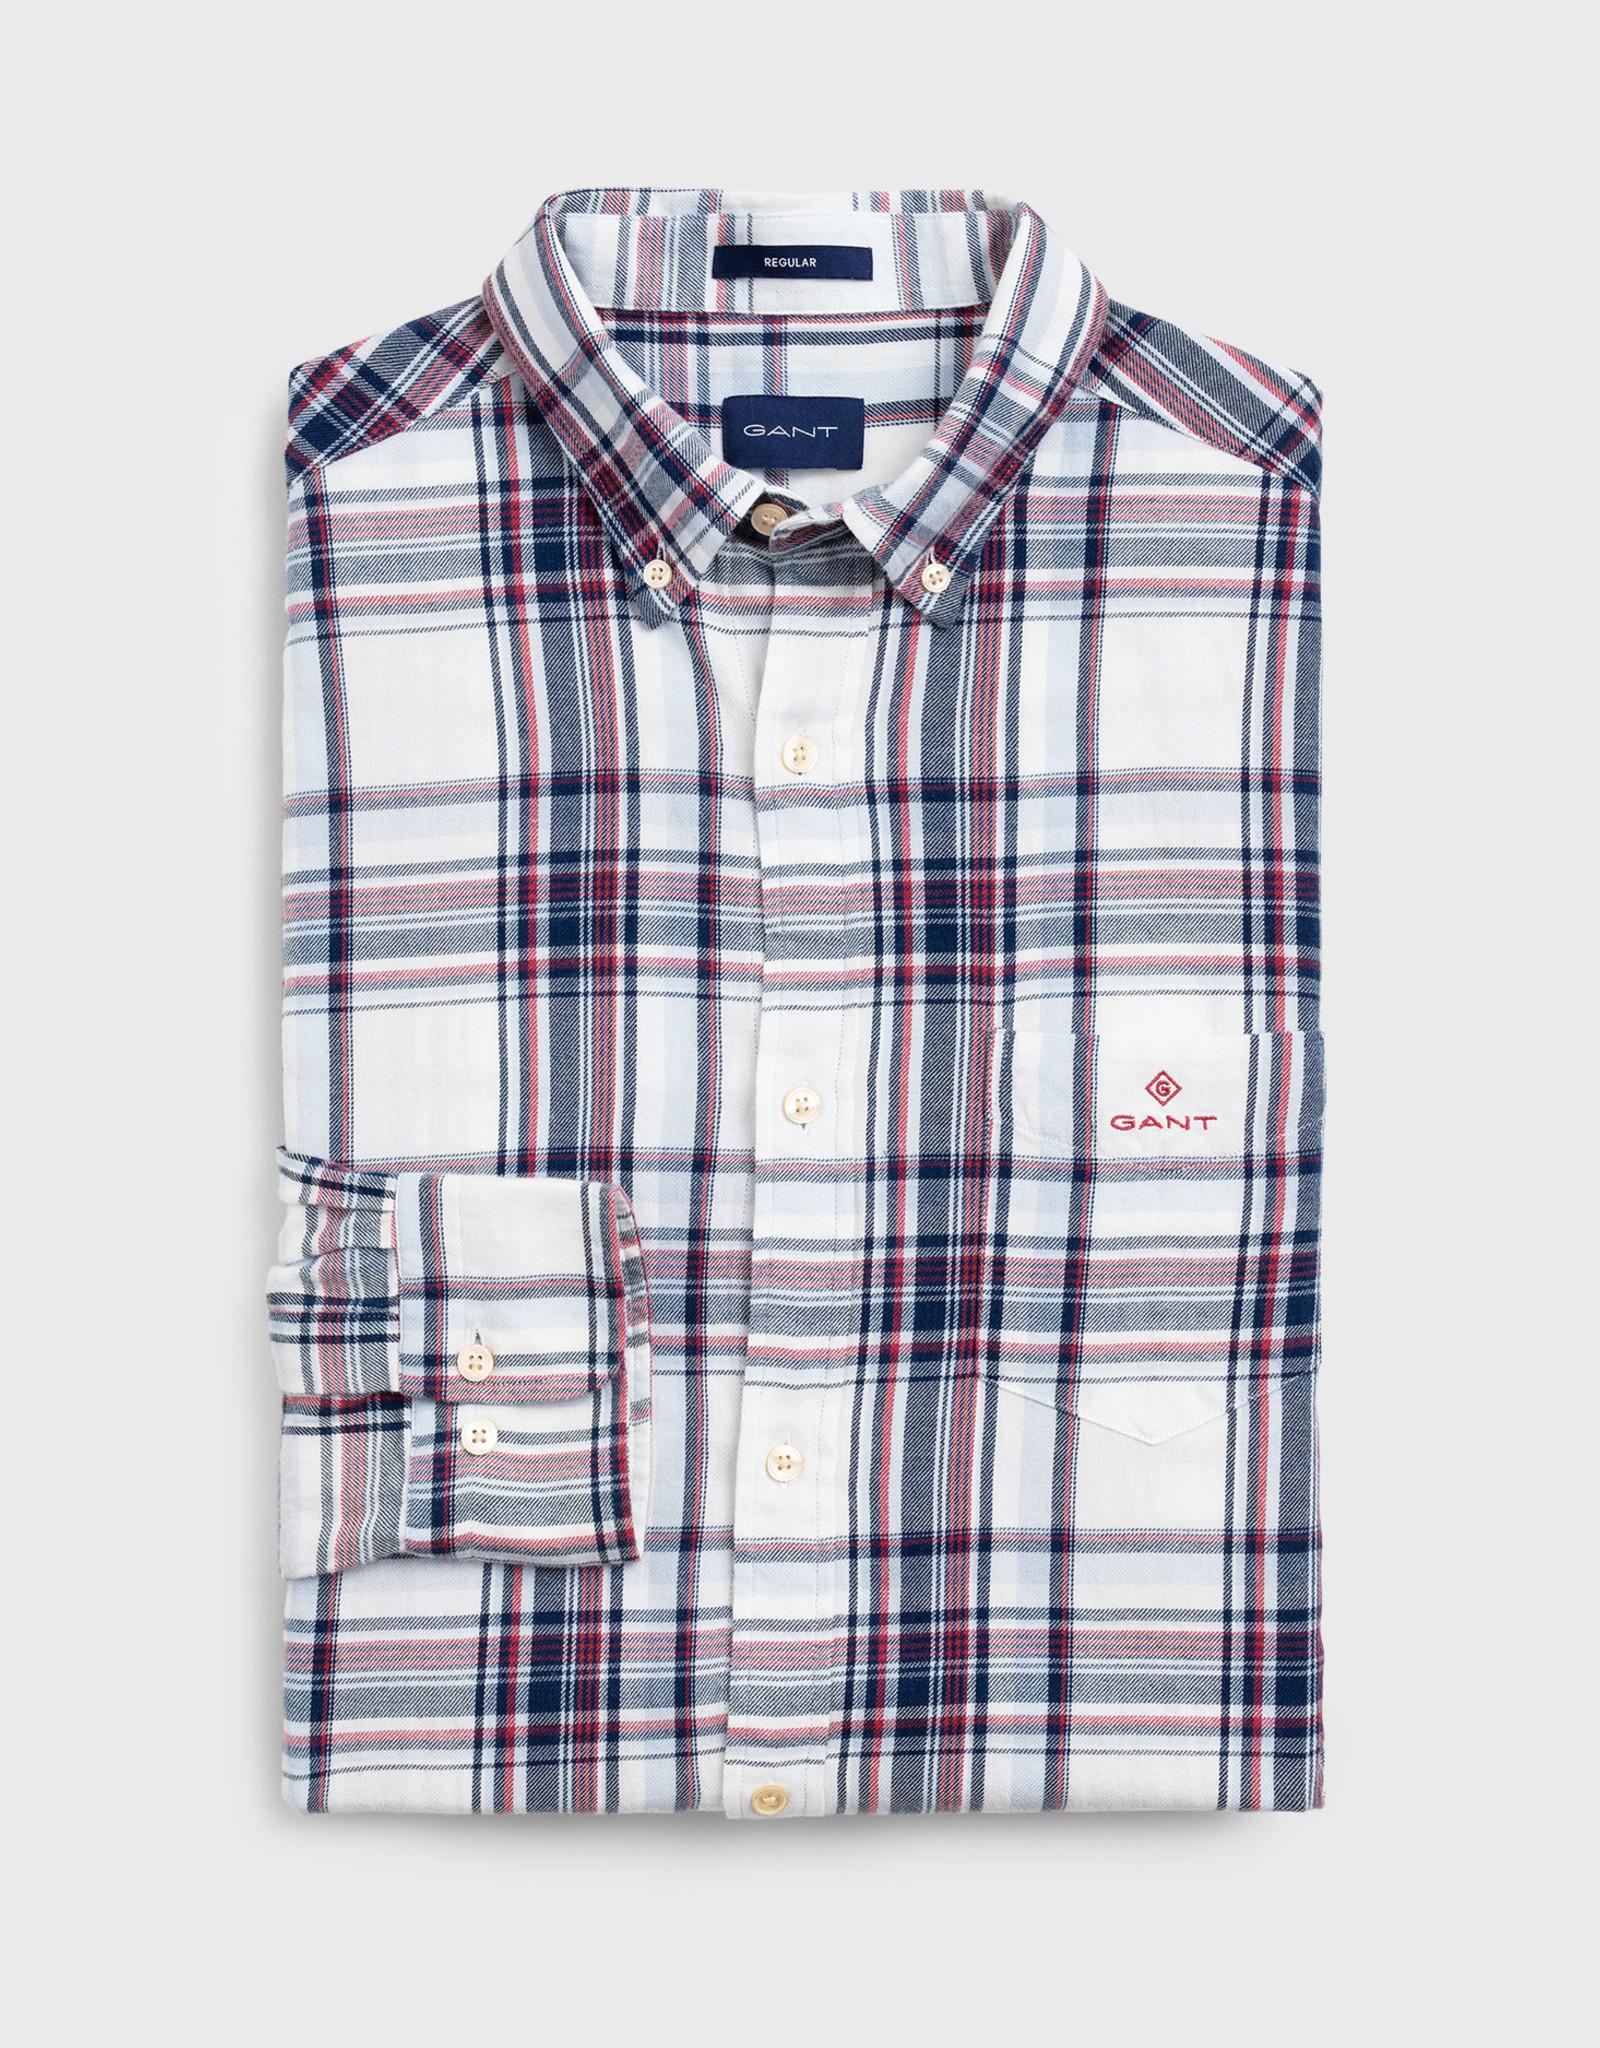 GANT overhemd ecru  met rode en blauwe ruit